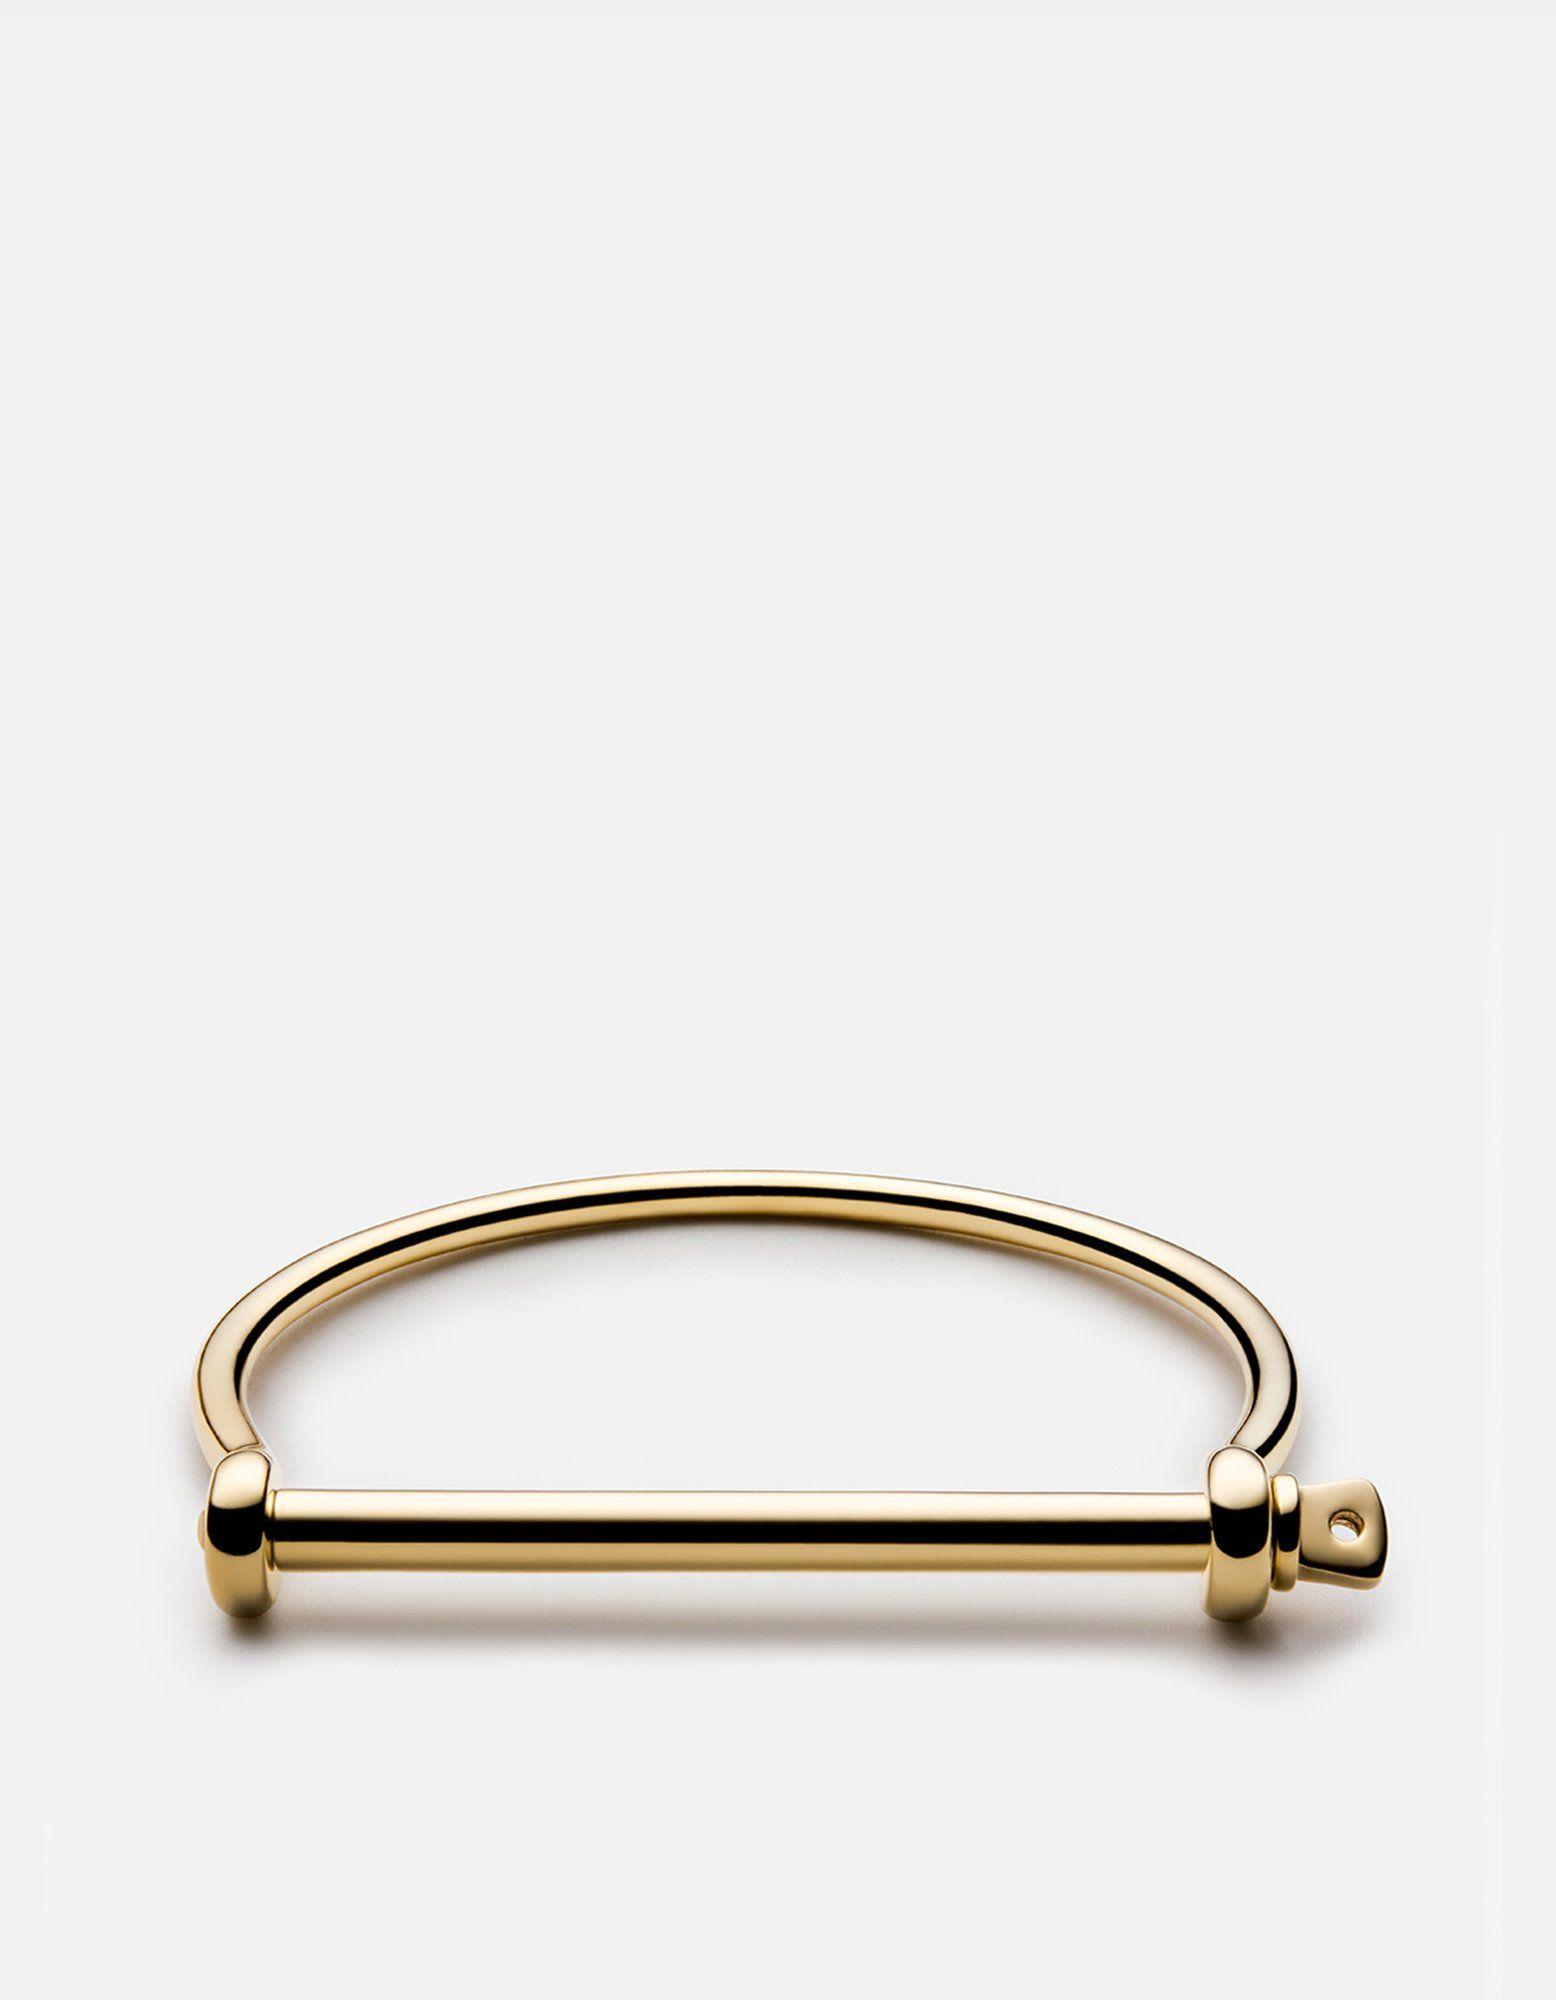 Thin Screw Cuff Gold Screw Cuff Miansai Screw Cuff Gold Bracelet Cuff